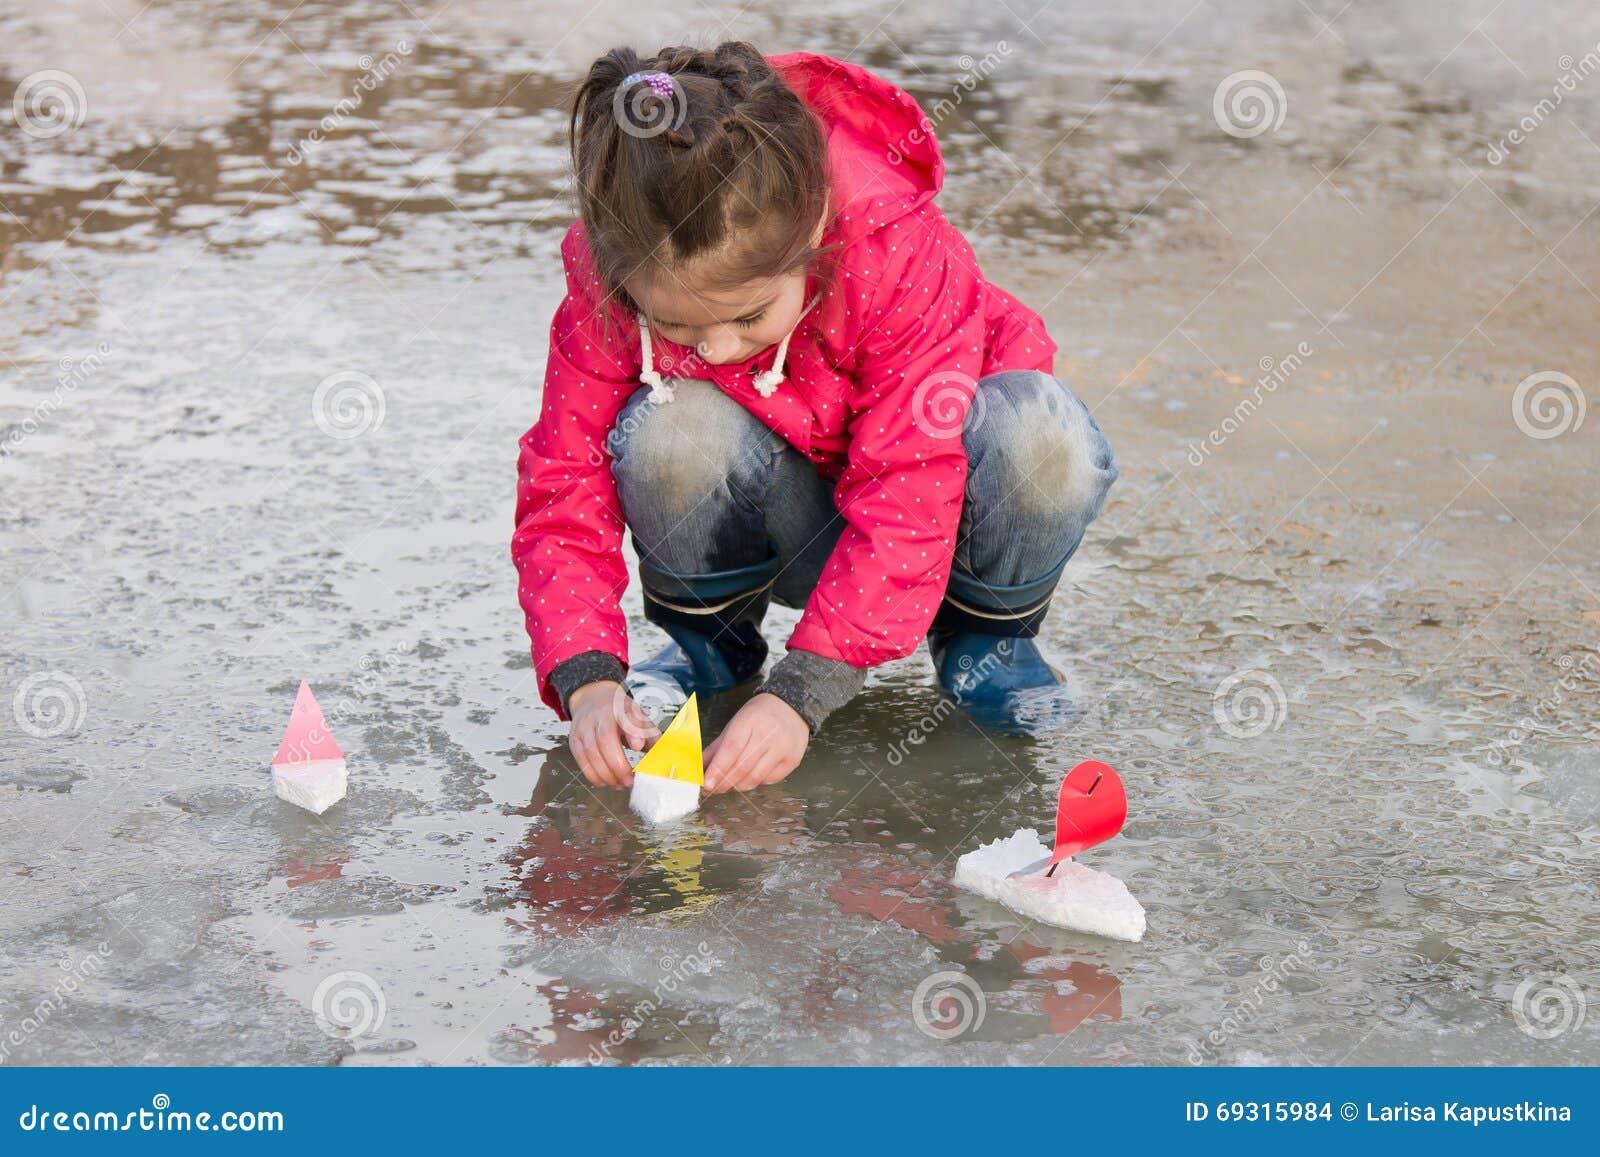 Το χαριτωμένο μικρό κορίτσι στις μπότες βροχής που παίζει με τα σκάφη ποτίζει την άνοιξη τη λακκούβα